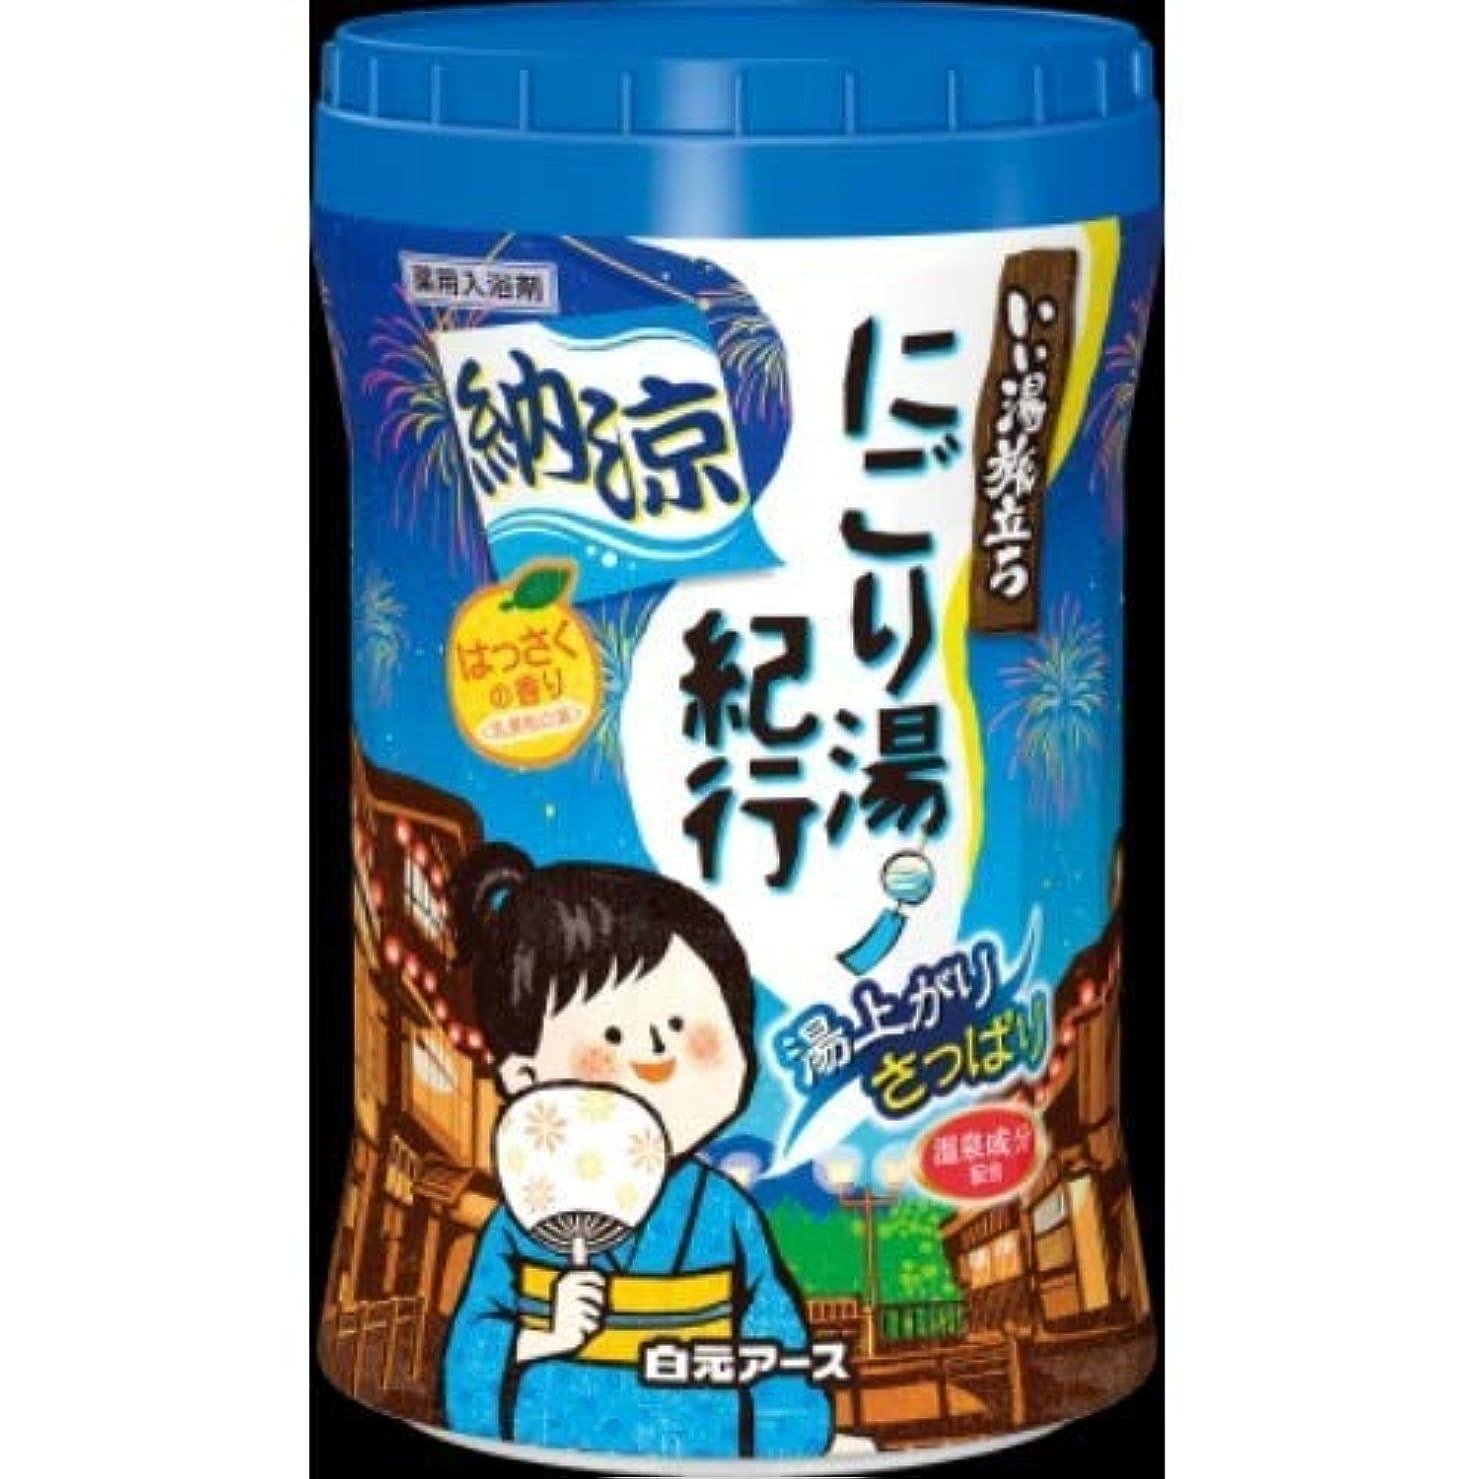 いい湯旅立ち 納涼にごり湯紀行 はっさくの香り × 6個セット